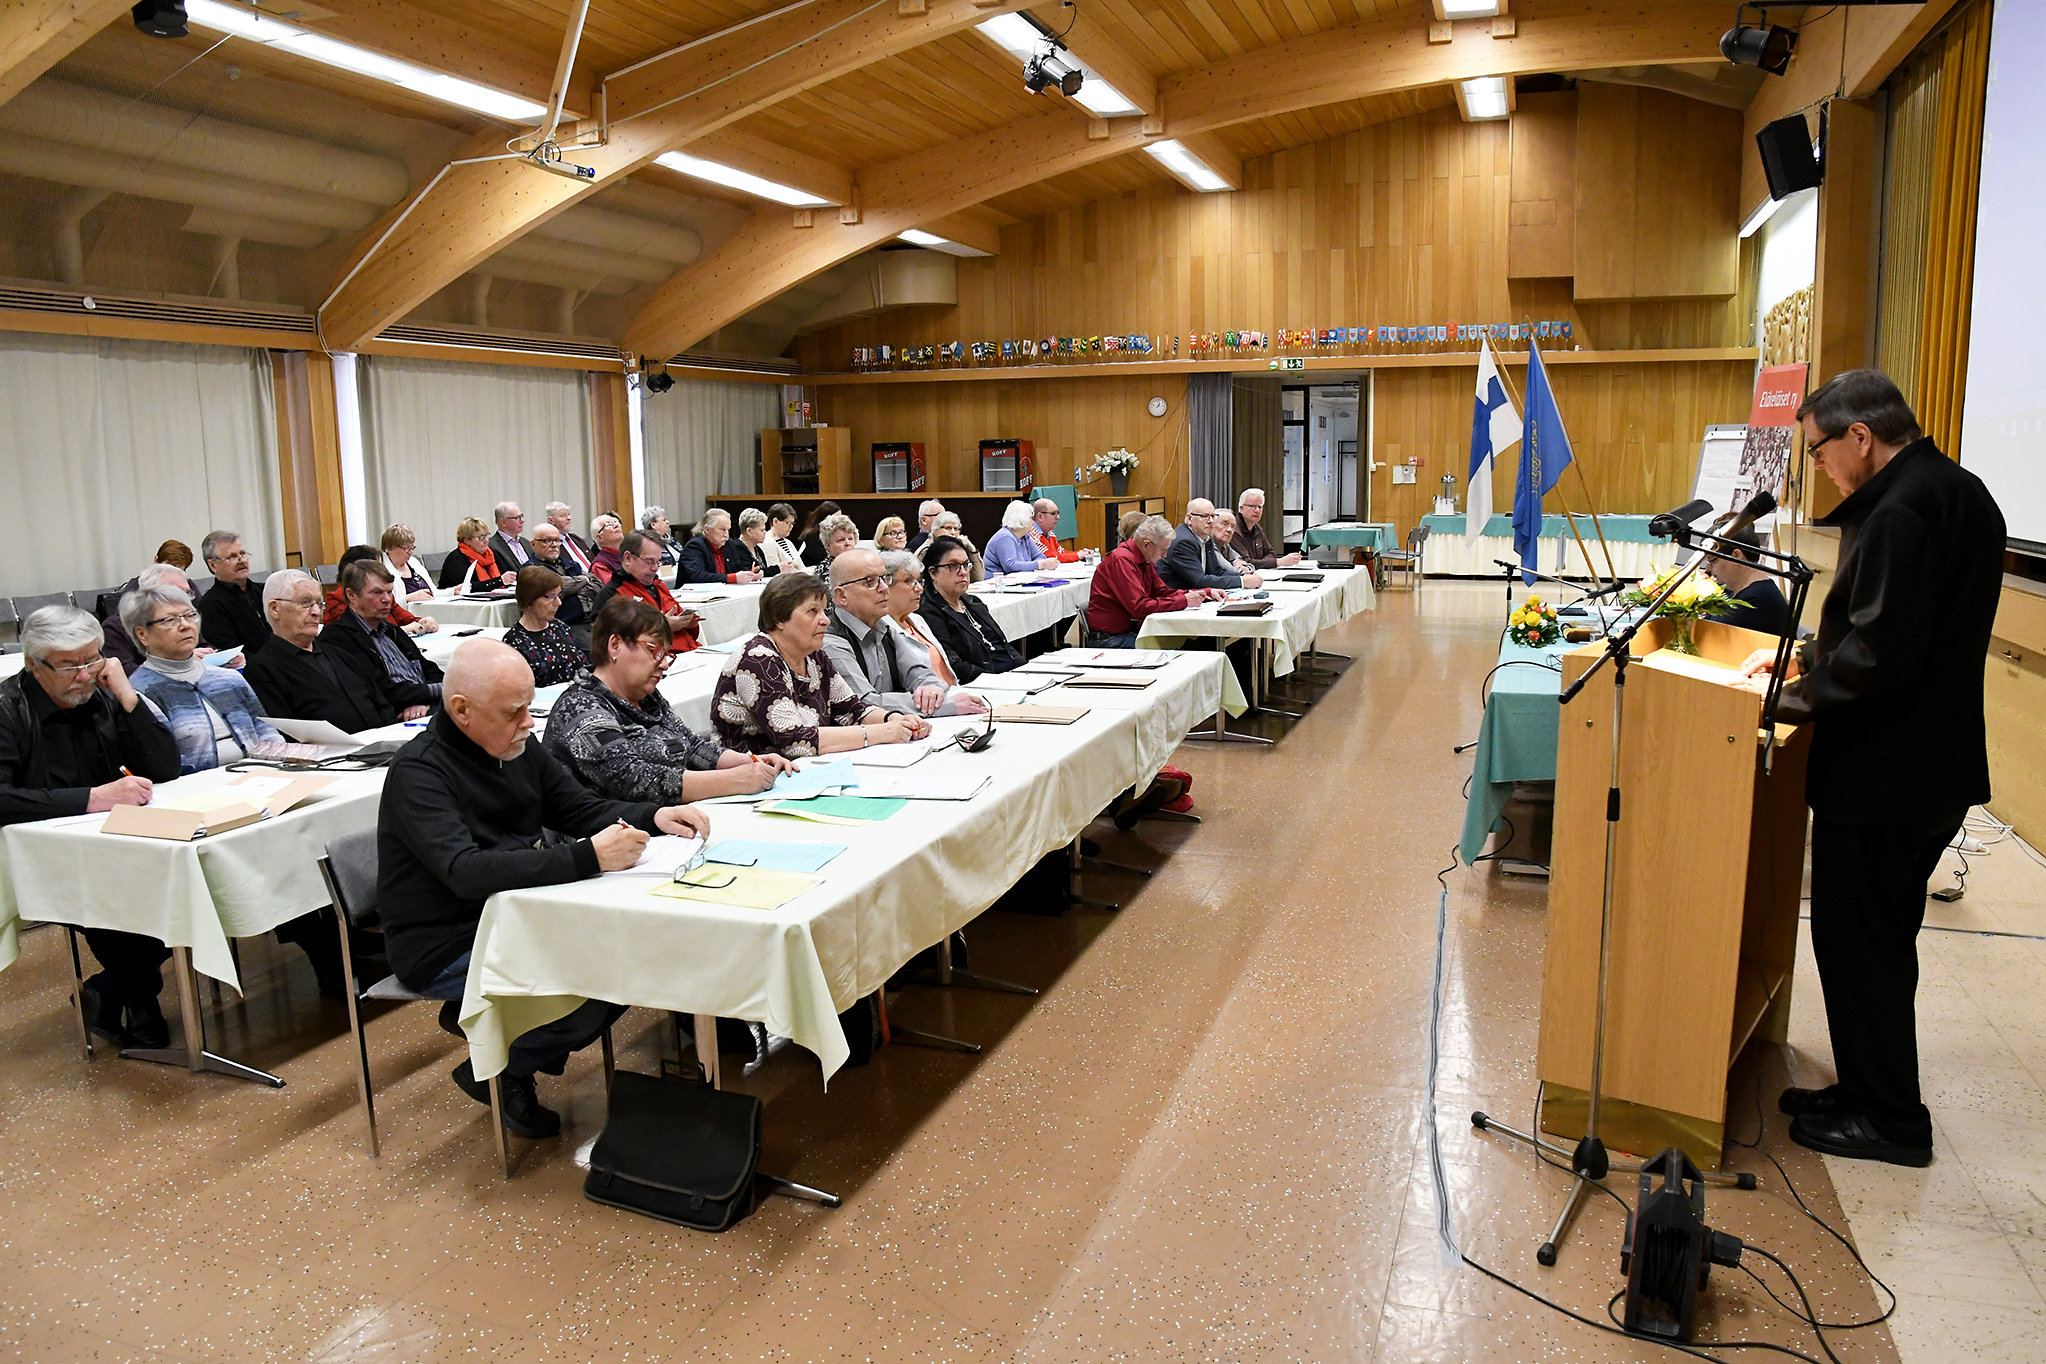 Eläkeläiset ry:n valtuusto aloitti keskiviikkona kokouksensa Kuntorannassa. Torstaina vuorossa on valtuuston seminaari.